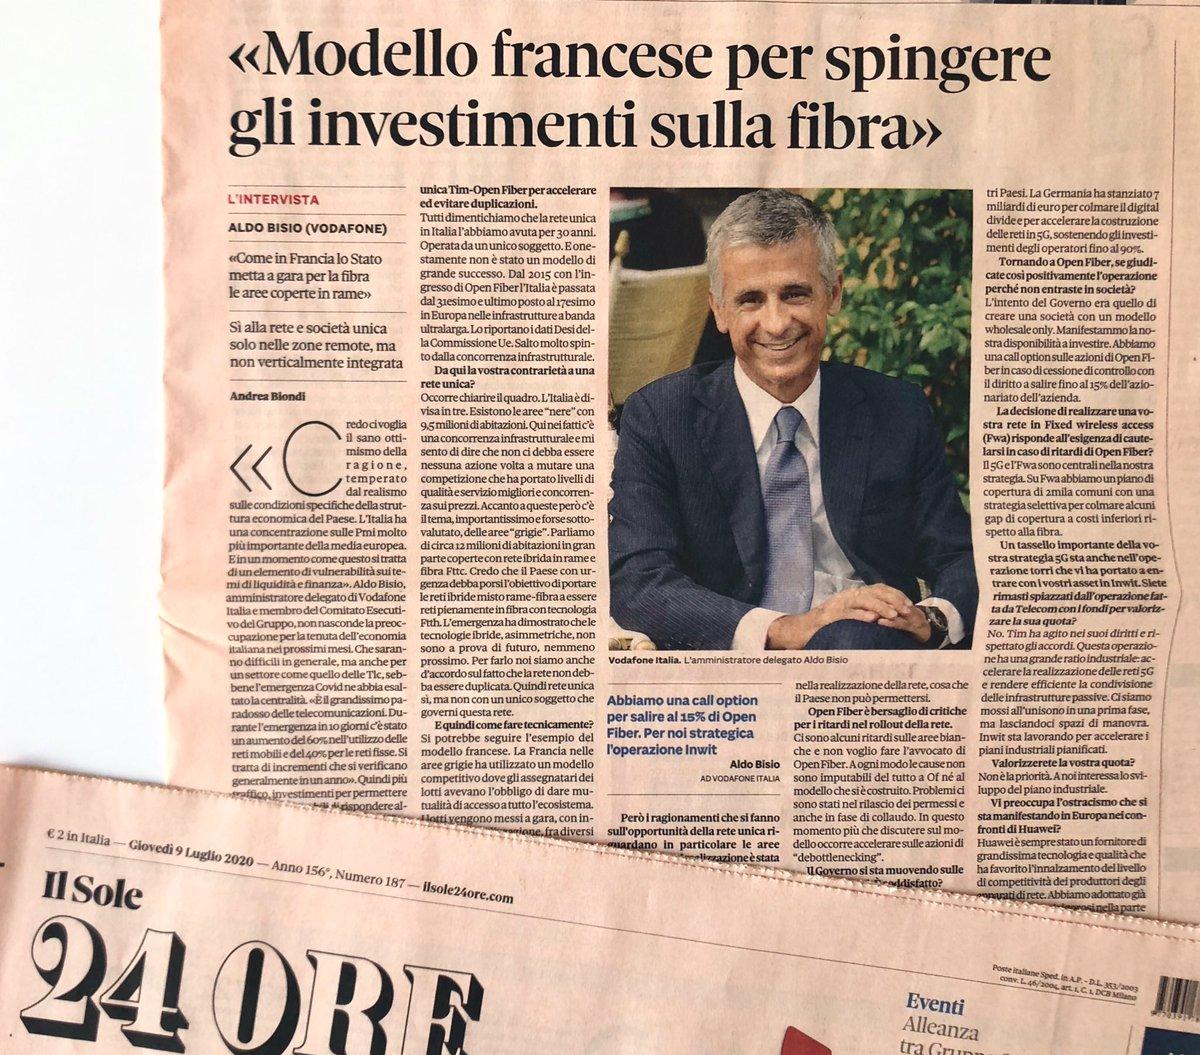 🗞 Aldo Bisio, AD @VodafoneIT, intervistato da @An_Bion su @sole24ore https://t.co/sub1BgXH13